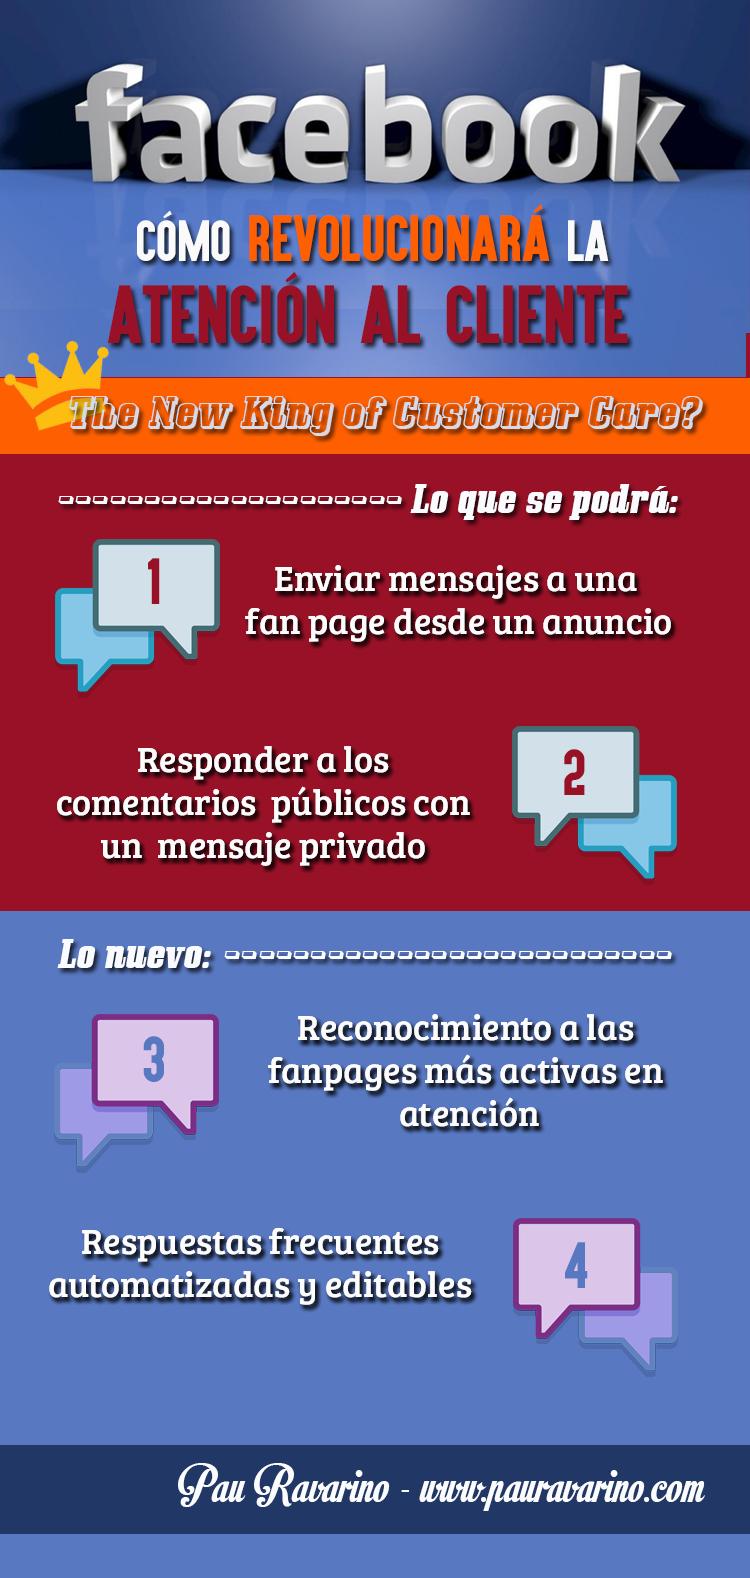 Como Facebook Revolucionara la atencion al cliente - Infografia